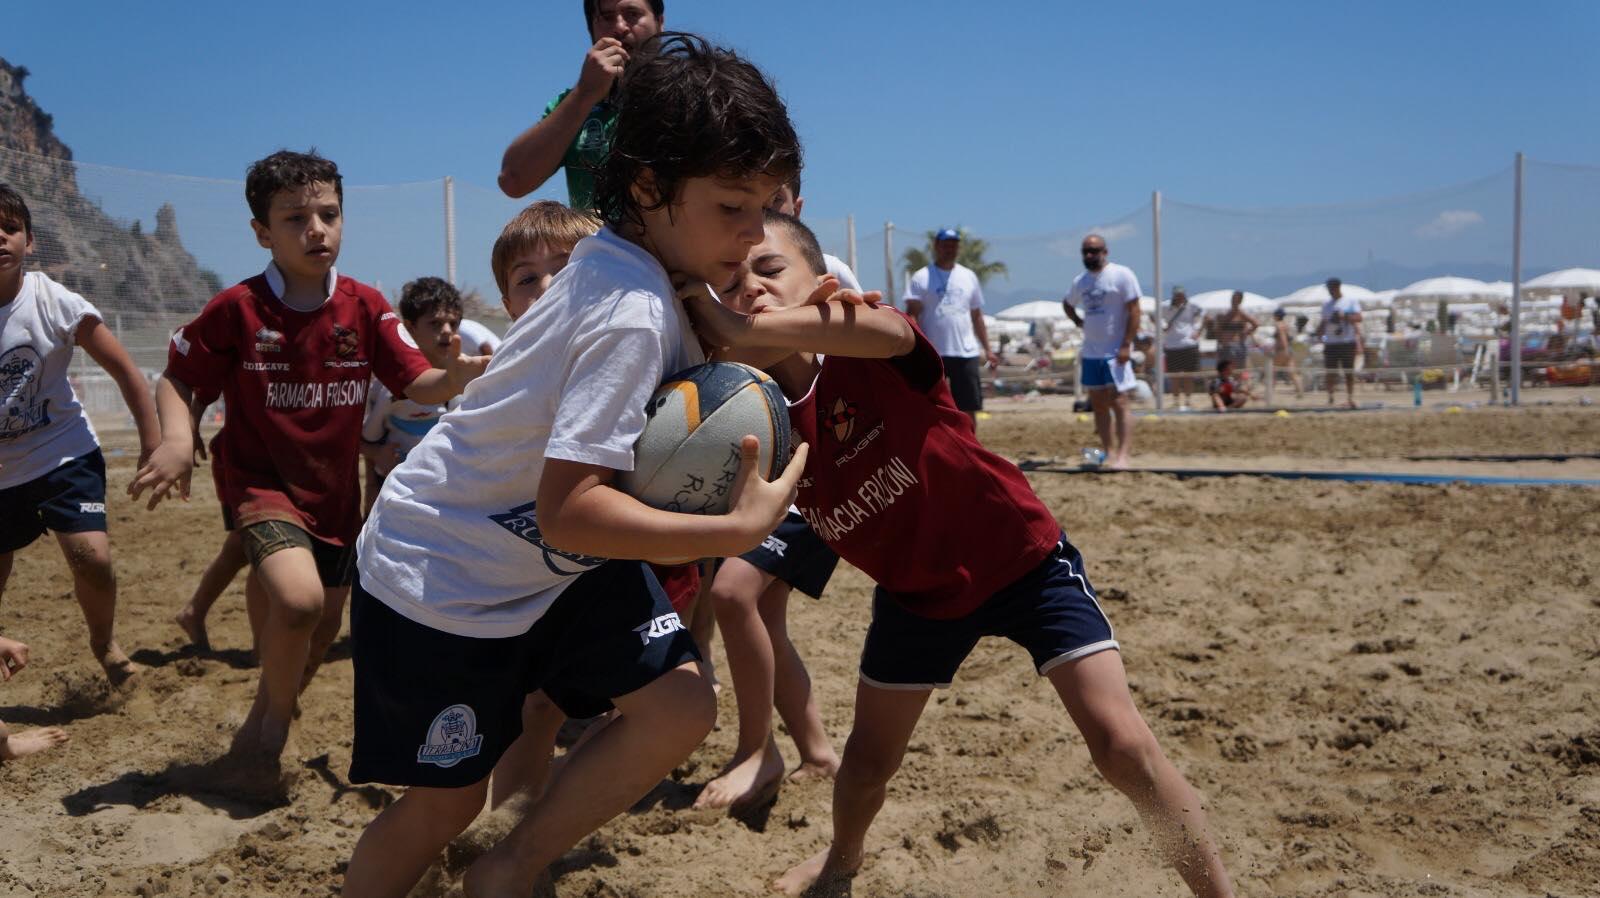 beach-rugby-tutto-pronto-per-il-torneo-junior-e-per-l-avvio-della-stagione-agonistica